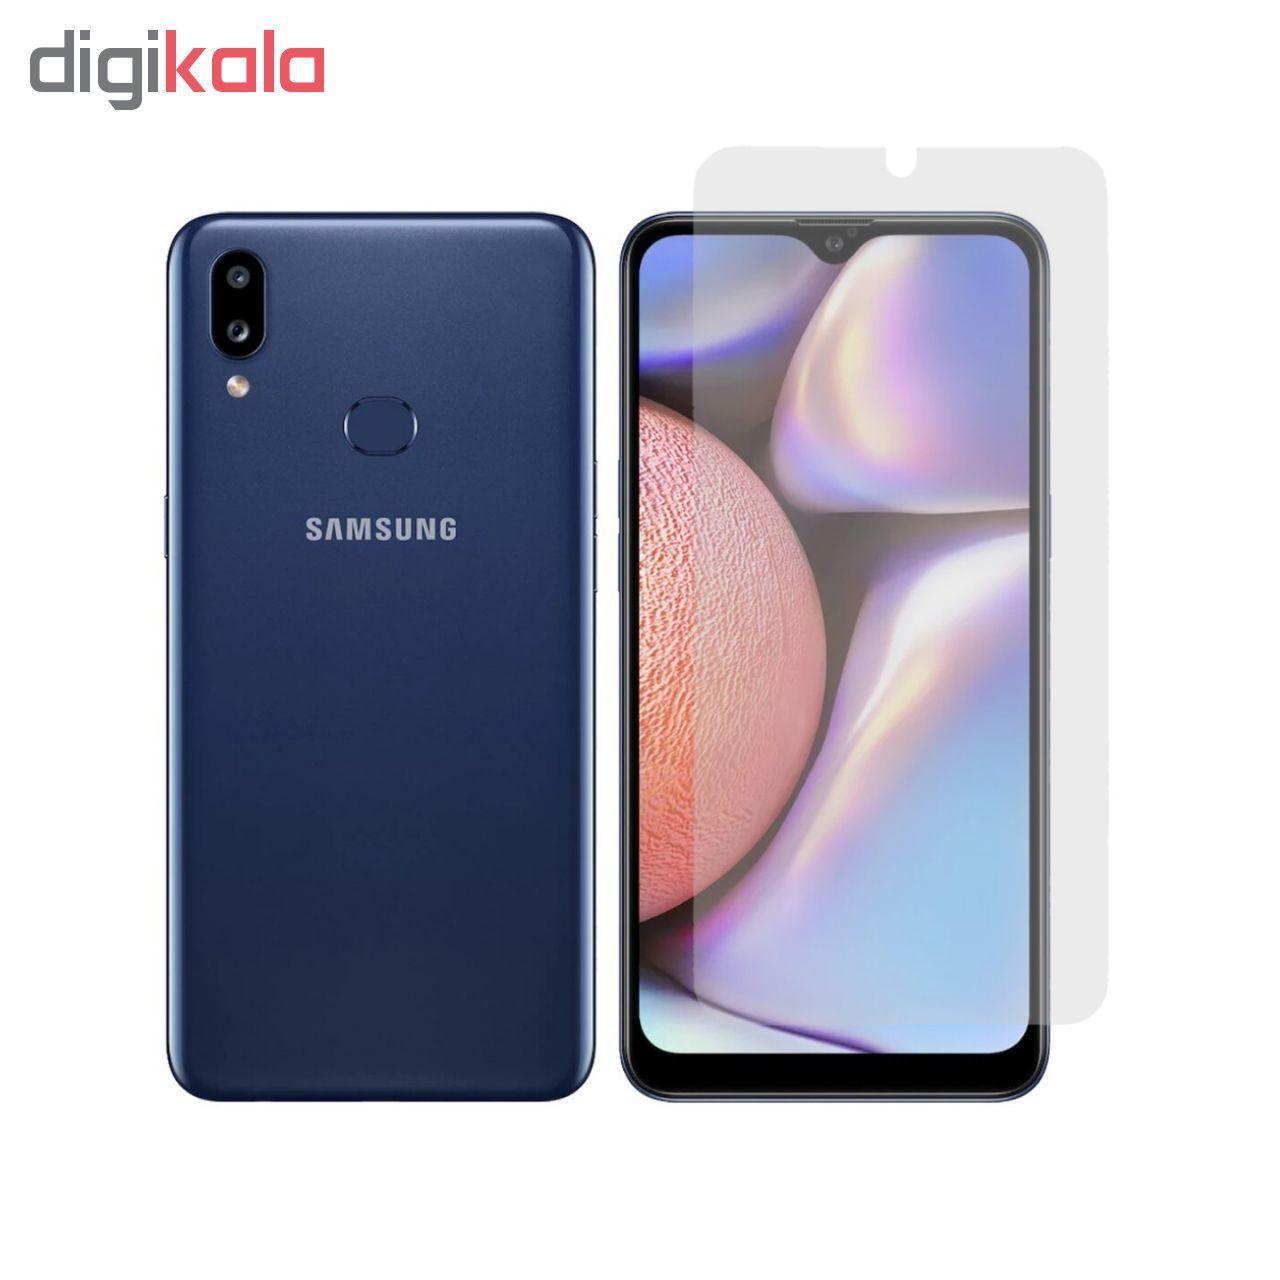 محافظ صفحه نمایش کد 71110مناسب برای گوشی موبایل سامسونگ Galaxy A10/A10s main 1 1